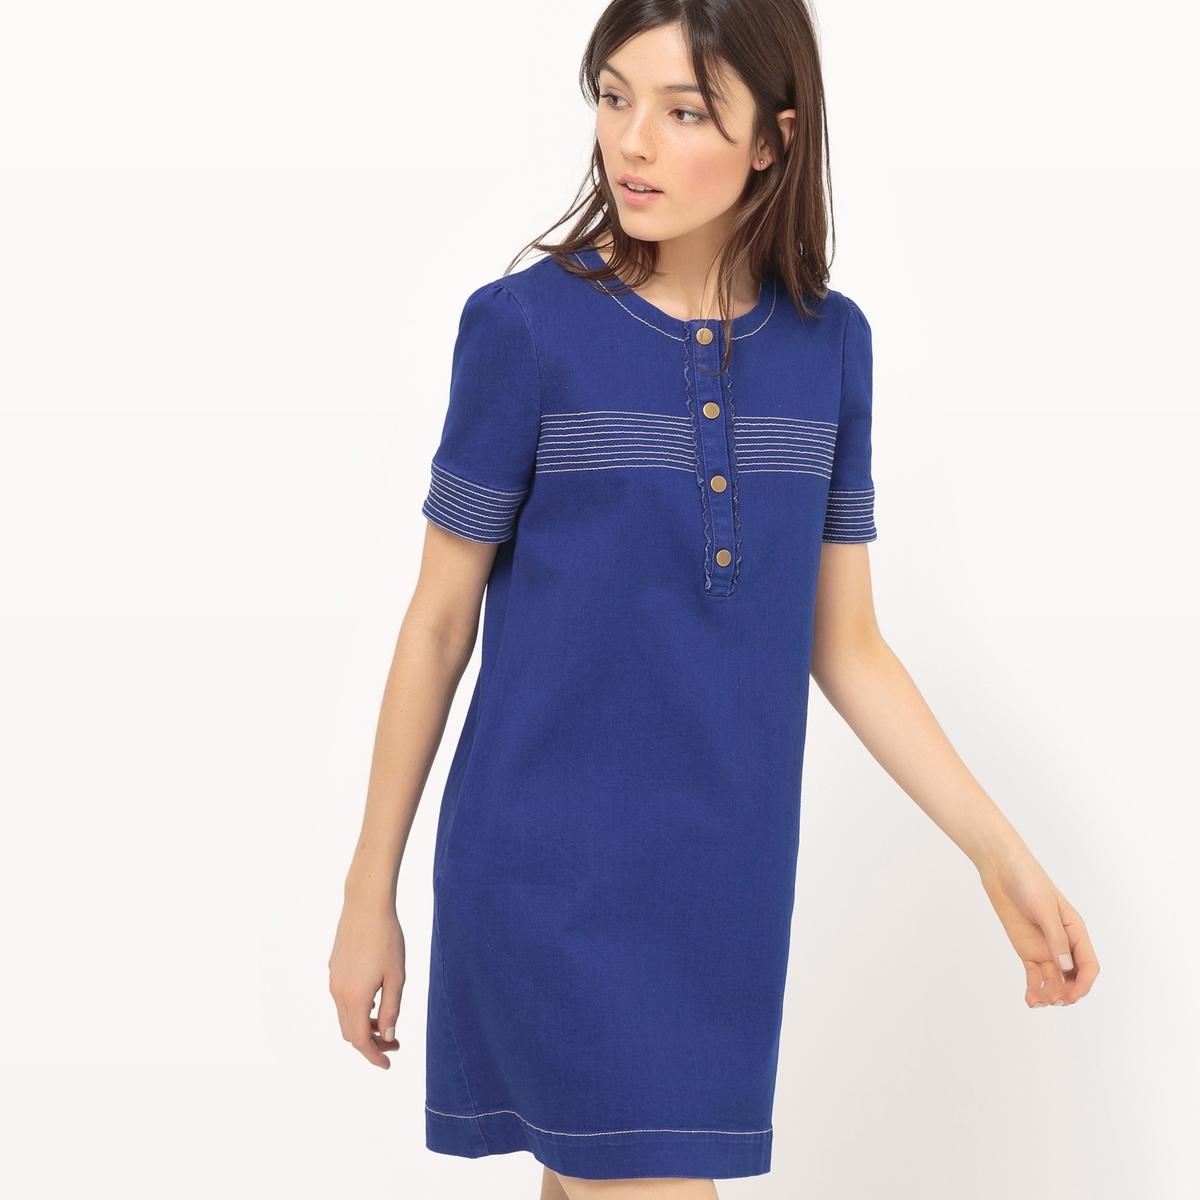 Платье в стиле 60-х годов с застежкой на пуговицы из денима